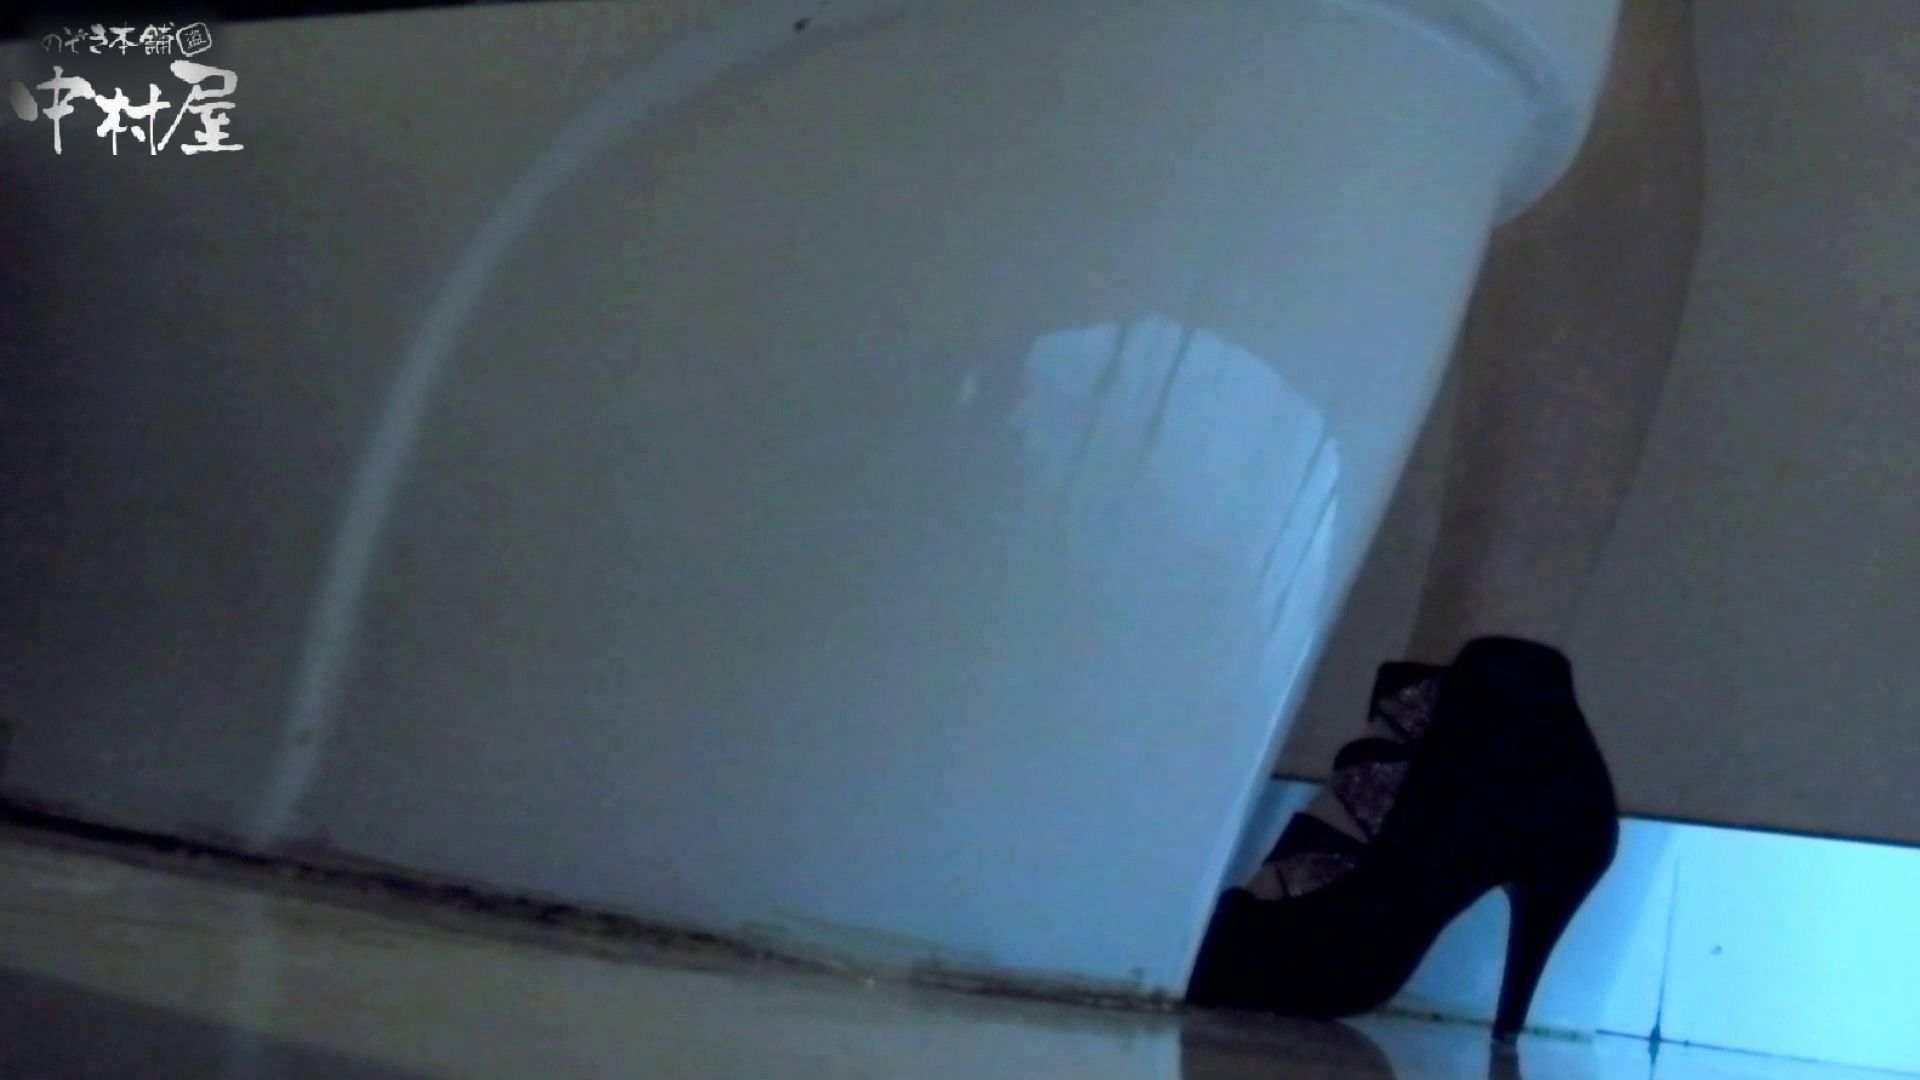 新世界の射窓 No72 モデル級なら個室から飛び出て追っかけます 洗面所 ヌード画像 56連発 54